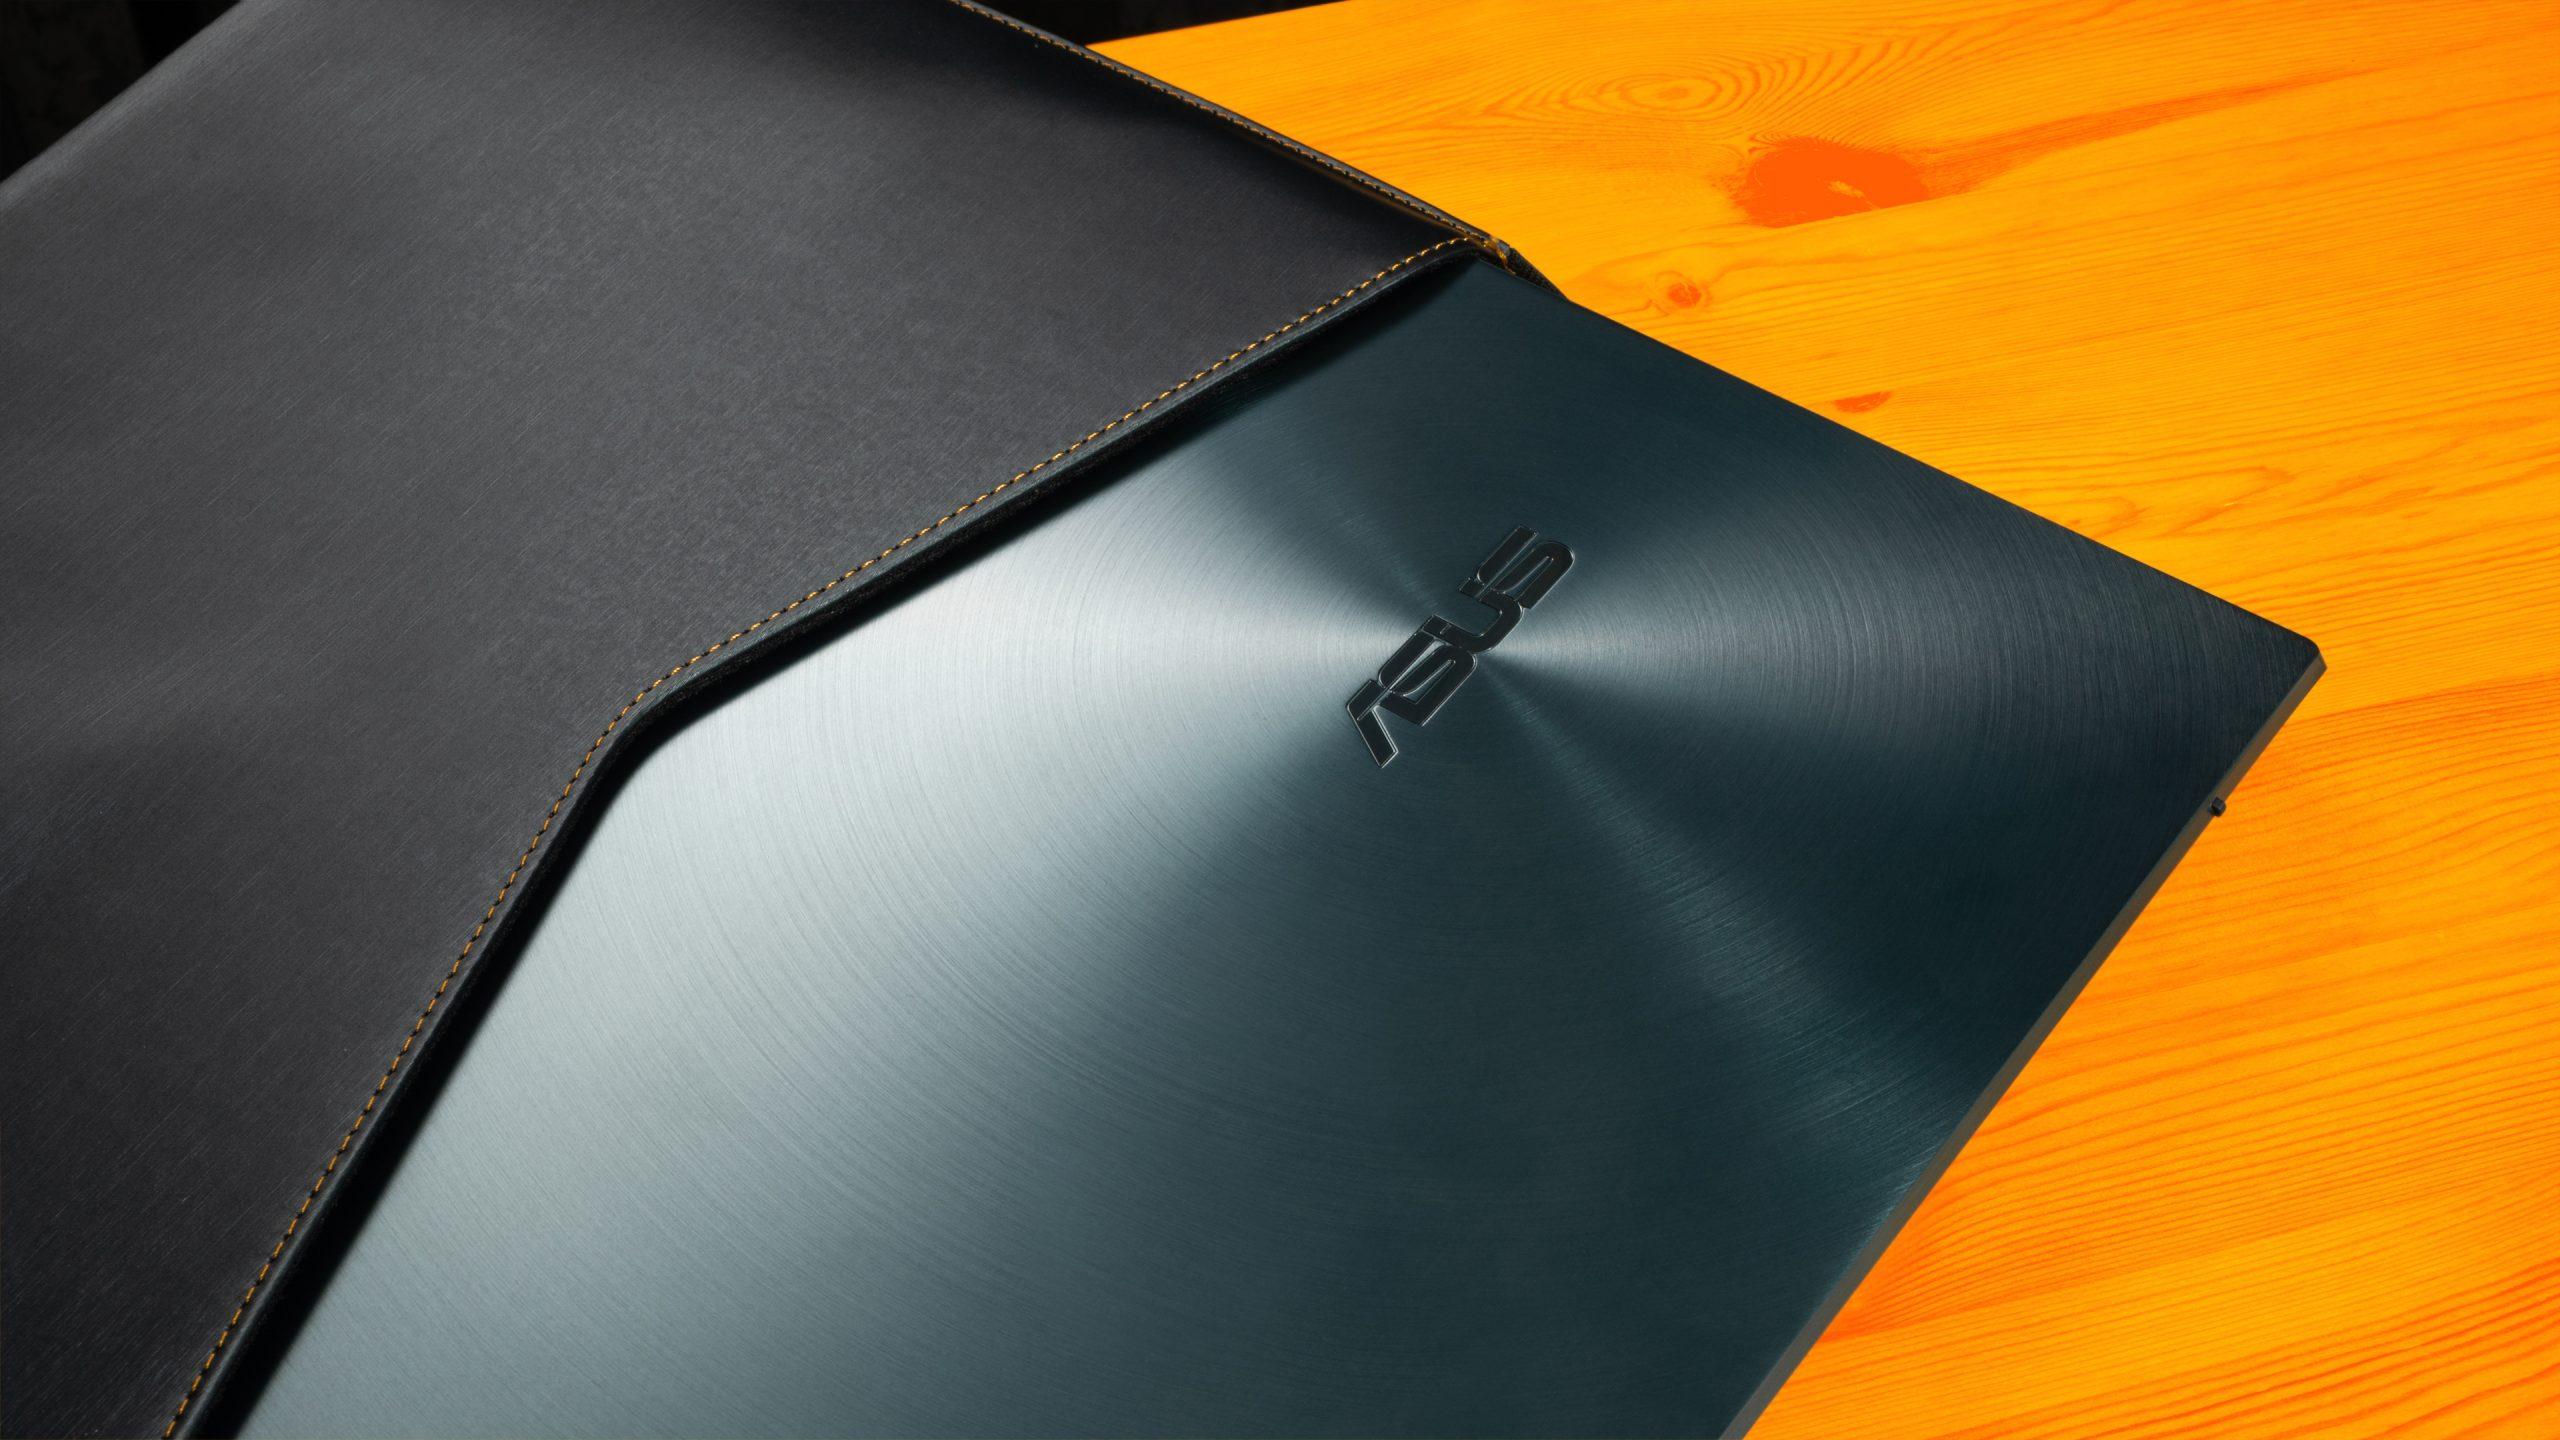 ASUS ZenBook Duo 14 deels in de meegeleverde draagenvelop geschoven.